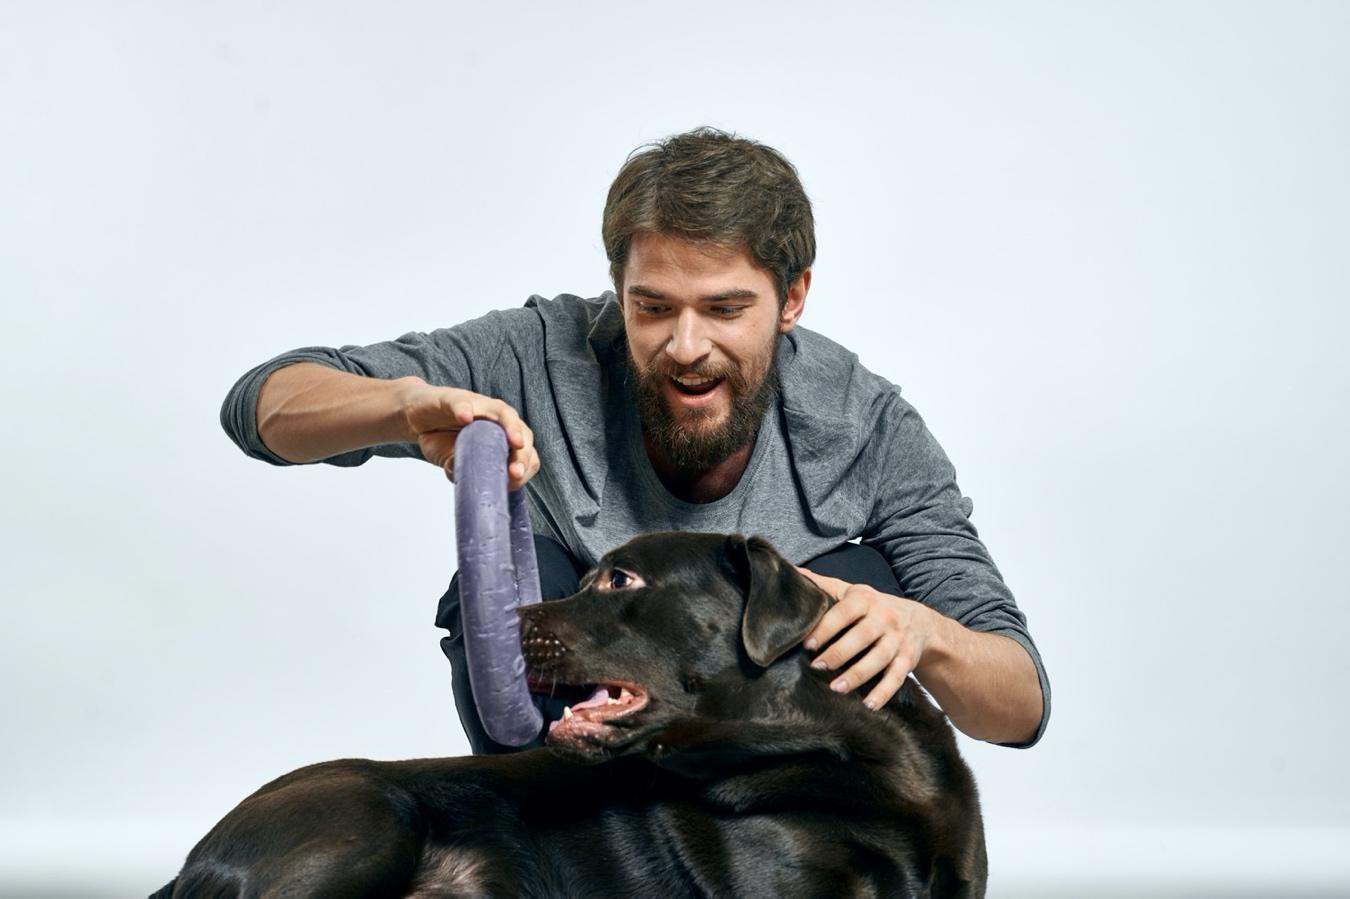 Juegos, rutinas y actividades para compartir con tu perro en casa